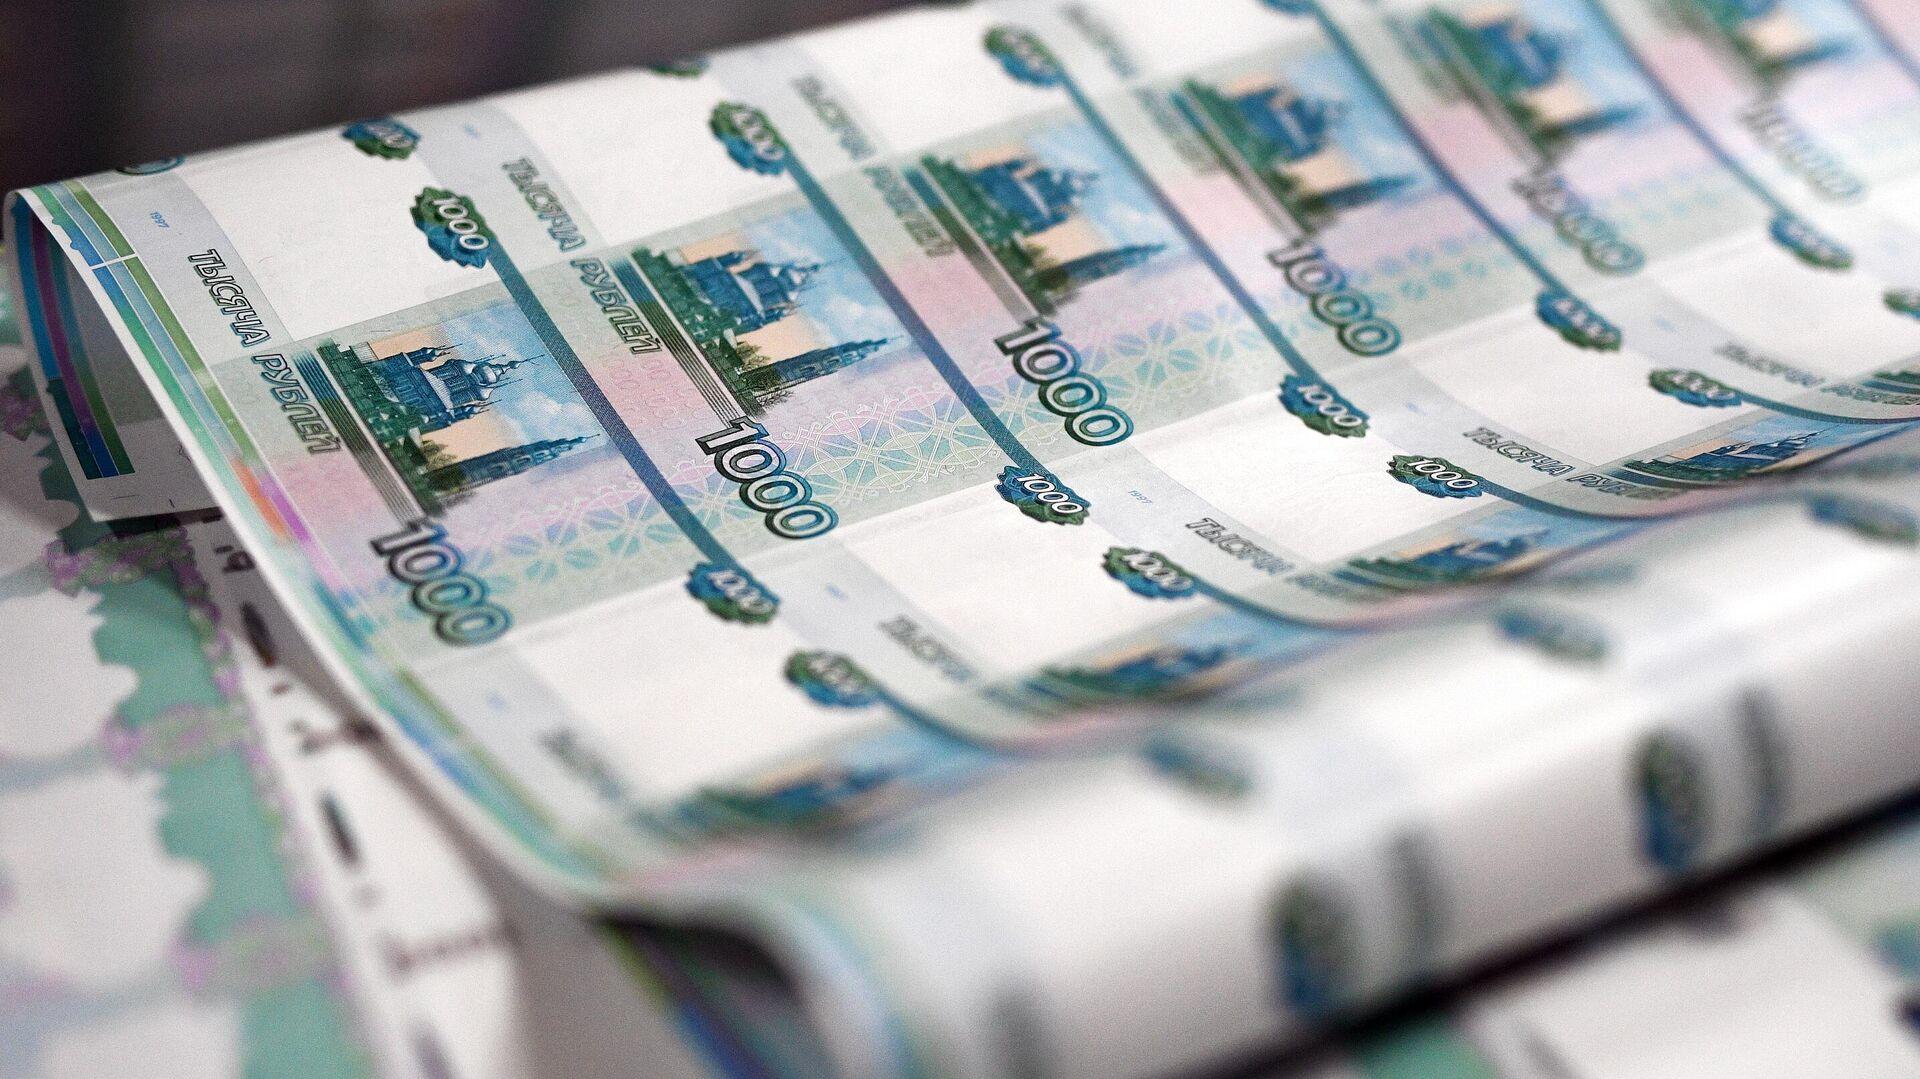 Листы с денежными купюрами - РИА Новости, 1920, 19.12.2020